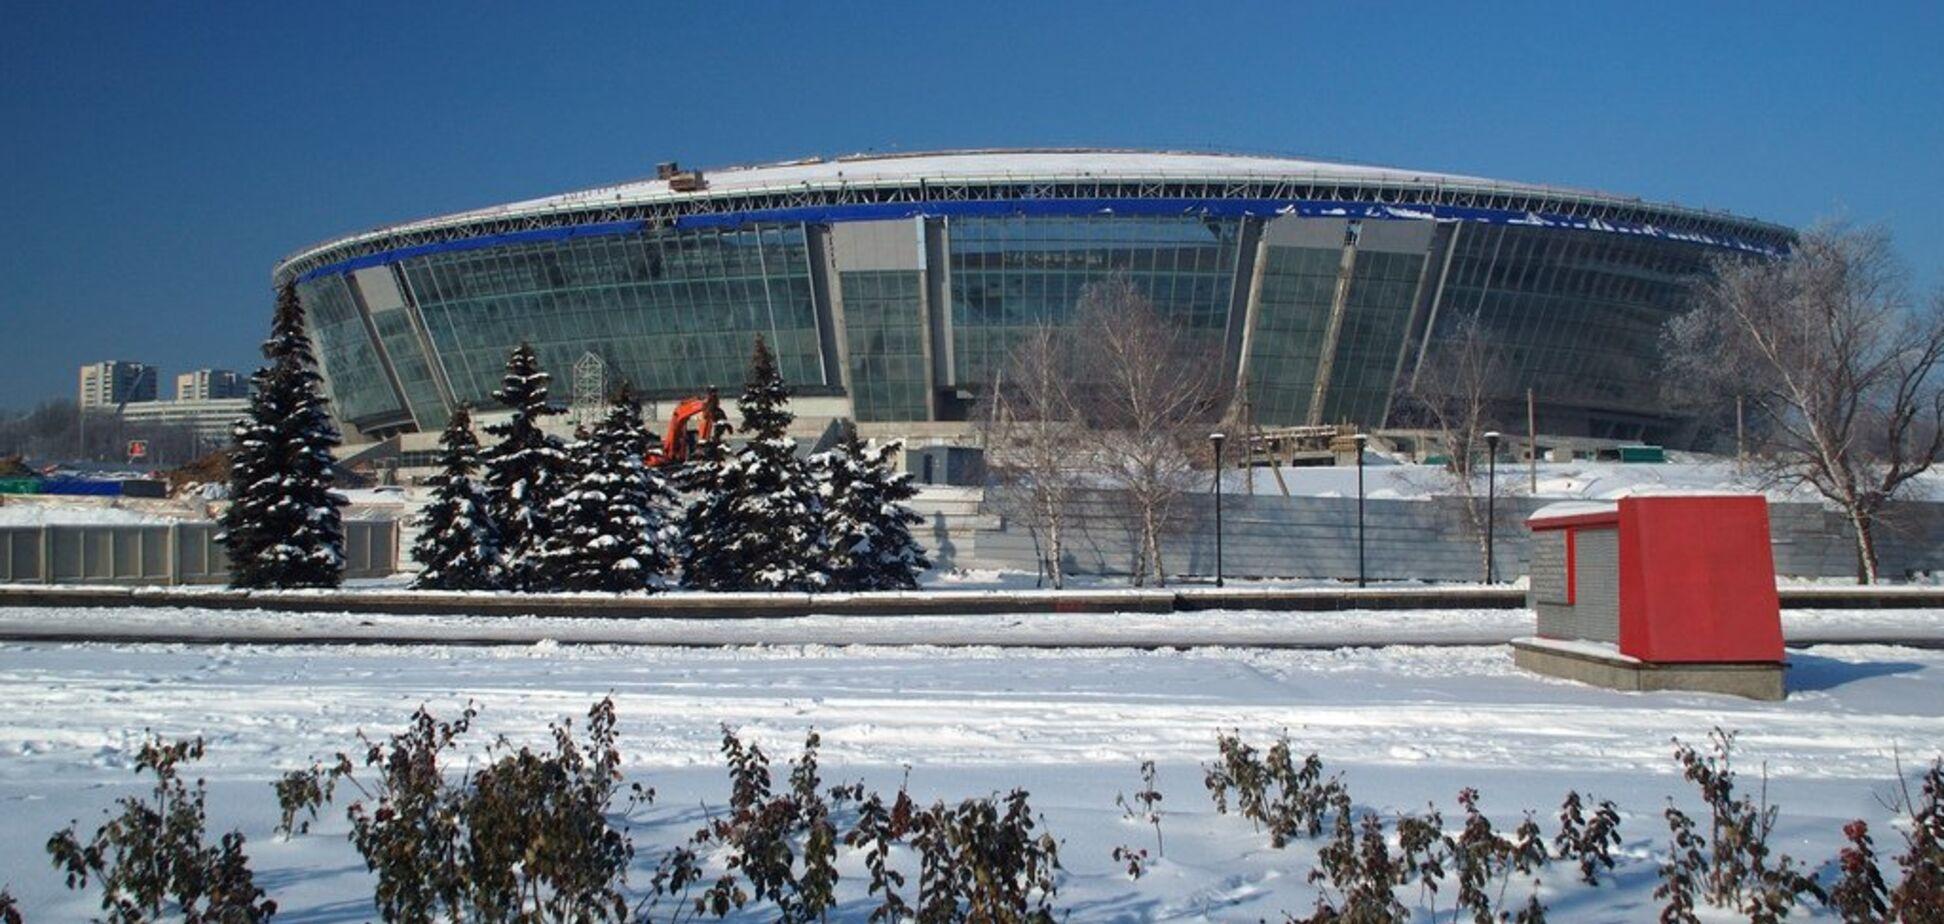 Донбасс Арена сегодня: дыры в стадионе и разбитые стекла